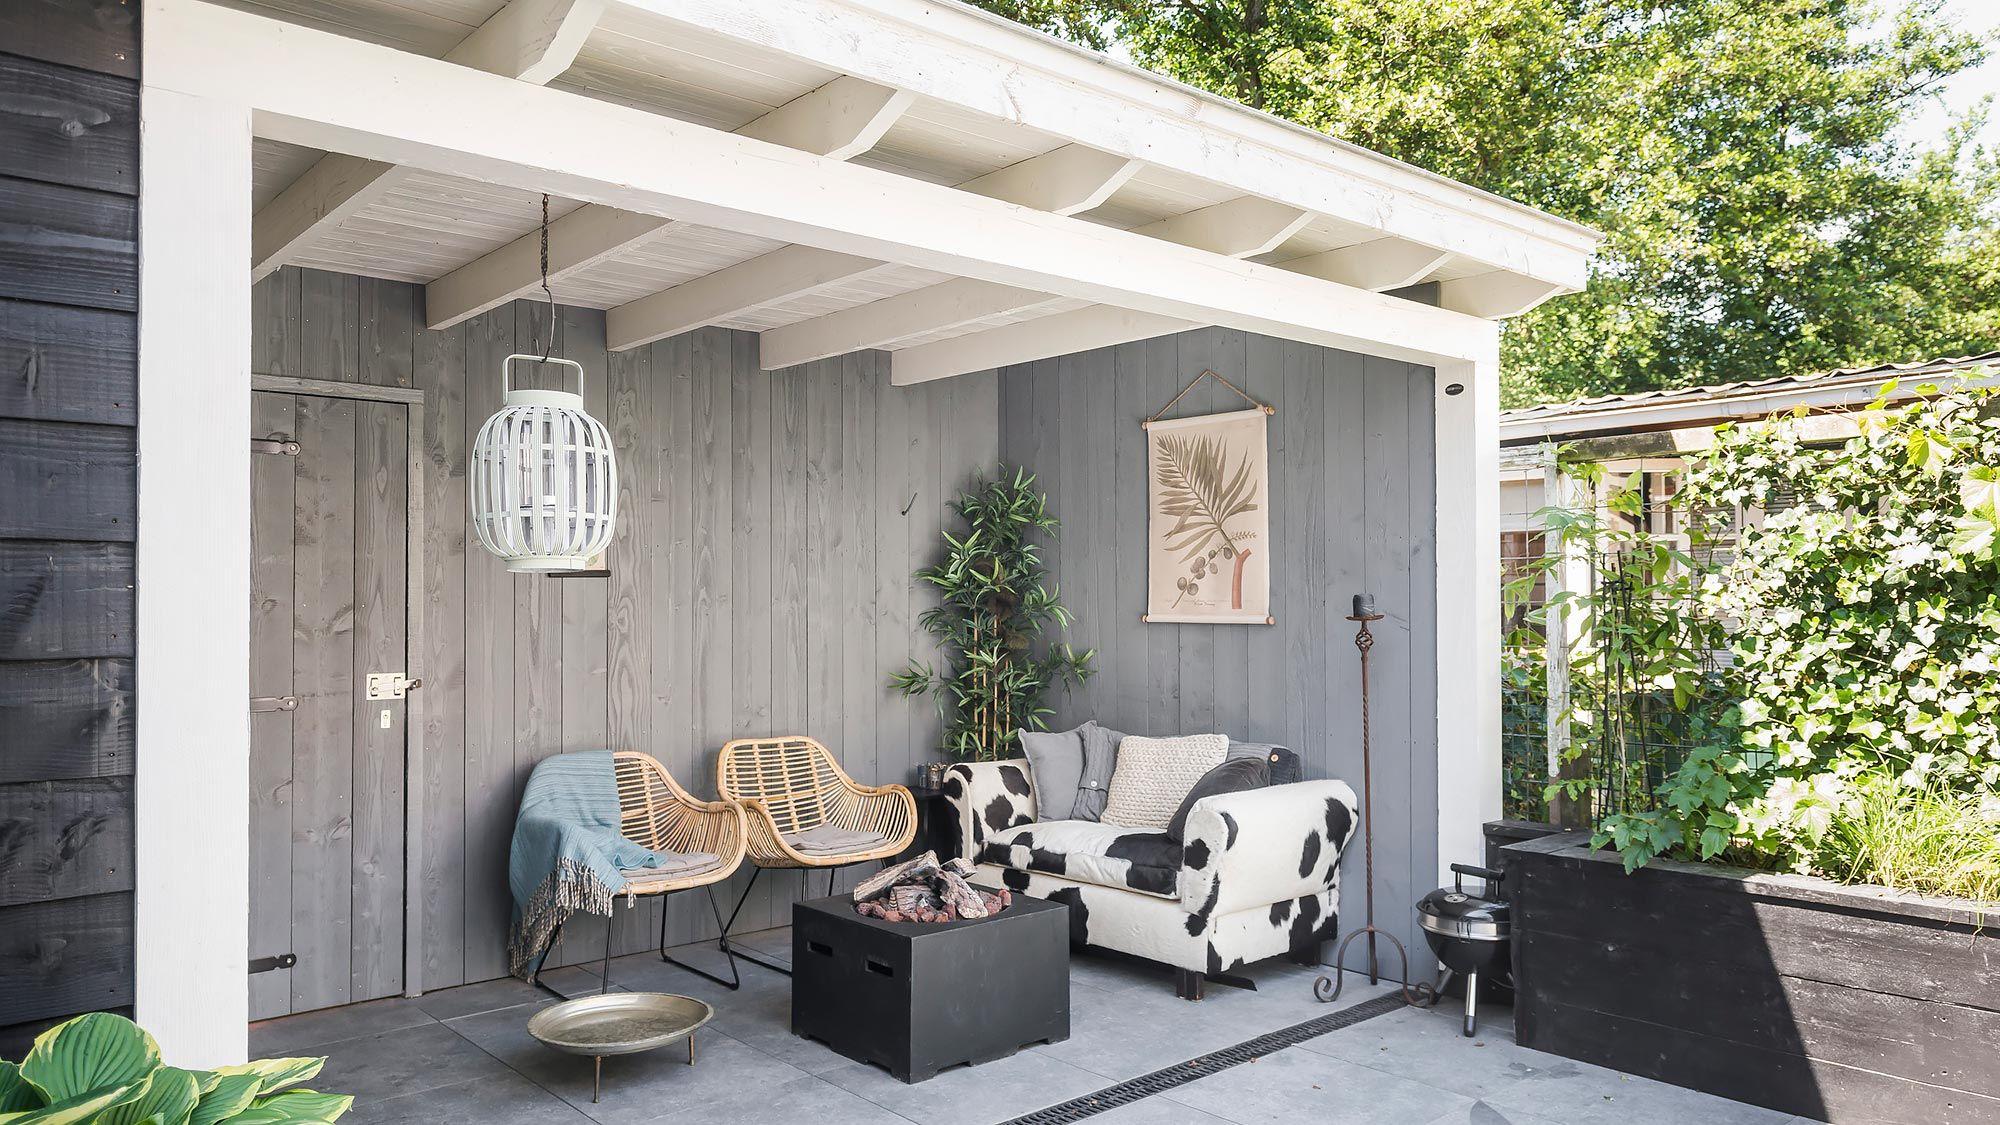 Veranda van douglas hout in grijs en wit met mooie vtwonen tegels